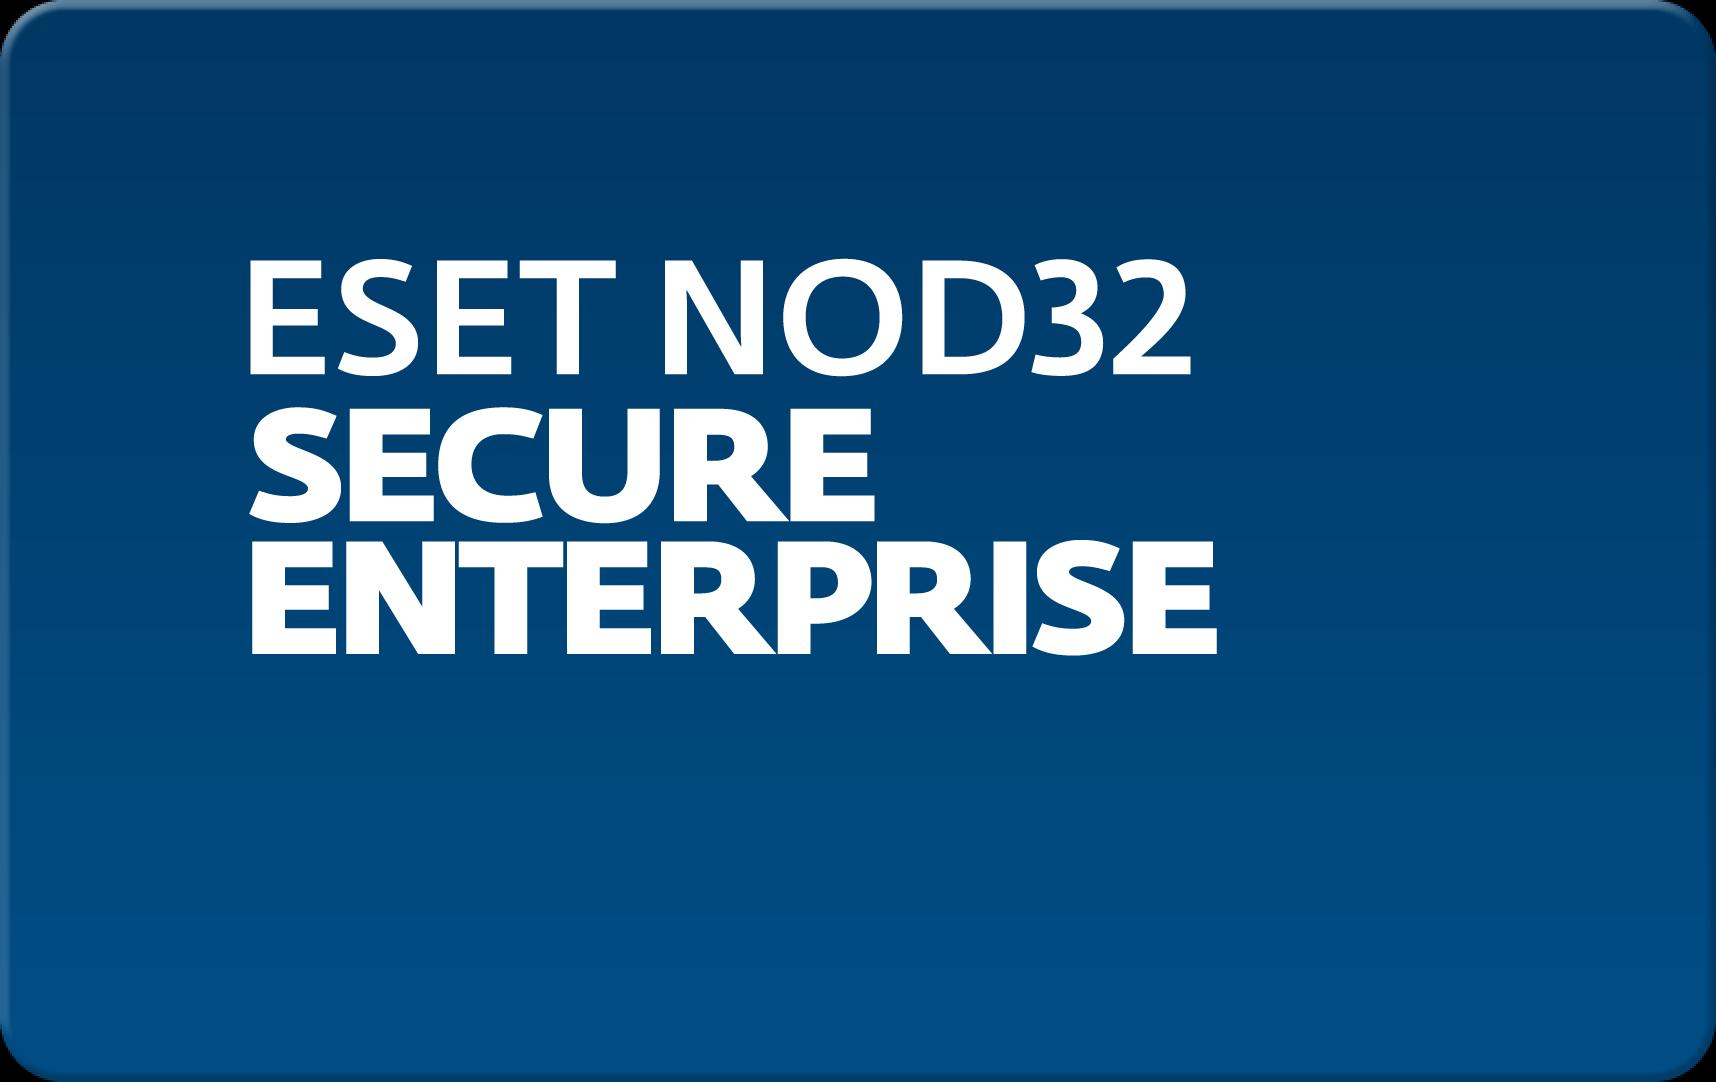 Кроссплатформенная антивирусная защита всех узлов корпоративной сети ESET Eset NOD32 Secure Enterprise  для 30 пользователей